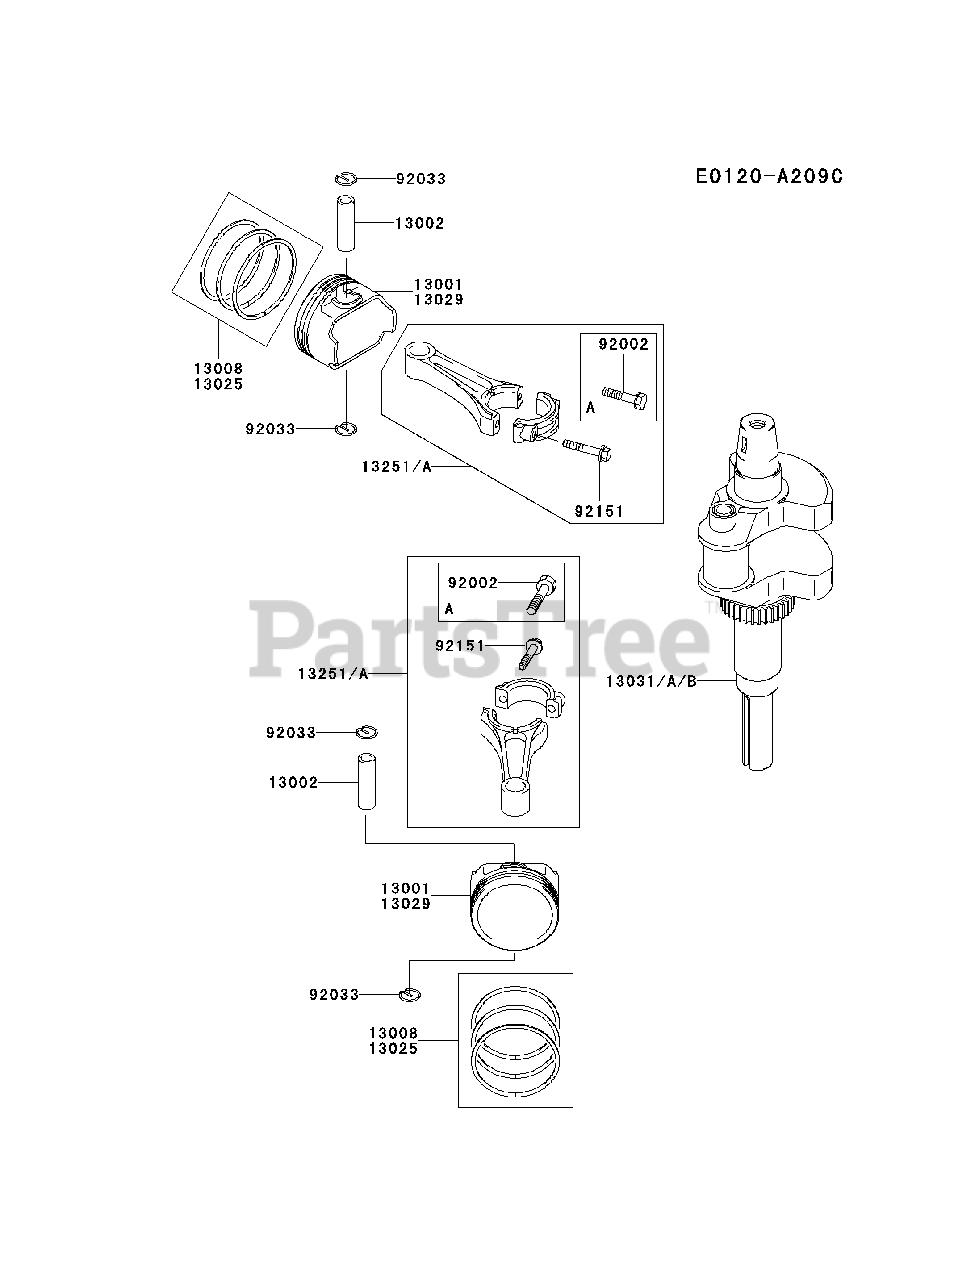 Kawasaki FH601V-BS14 - Kawasaki Engine PISTON/CRANKSHAFT ... on kawasaki fh601v parts, kawasaki prairie 300 carb diagram, kawasaki fc150v parts diagram, mahindra parts diagrams, mtd parts diagrams, kawasaki fb460v parts list, kawasaki ga 2300a generator parts, kawasaki oem parts diagram, bush hog parts diagrams, long tractor engine parts diagrams, kawasaki fh580v parts, kawasaki ga1000a generator parts, kawasaki fh680v parts electric clutch, kawasaki fc420v parts diagram, kawasaki replacement engines, caterpillar engine parts diagrams, kawasaki mule parts diagram, small four-stroke engine diagrams, exmark parts diagrams, kawasaki 250 parts diagram,